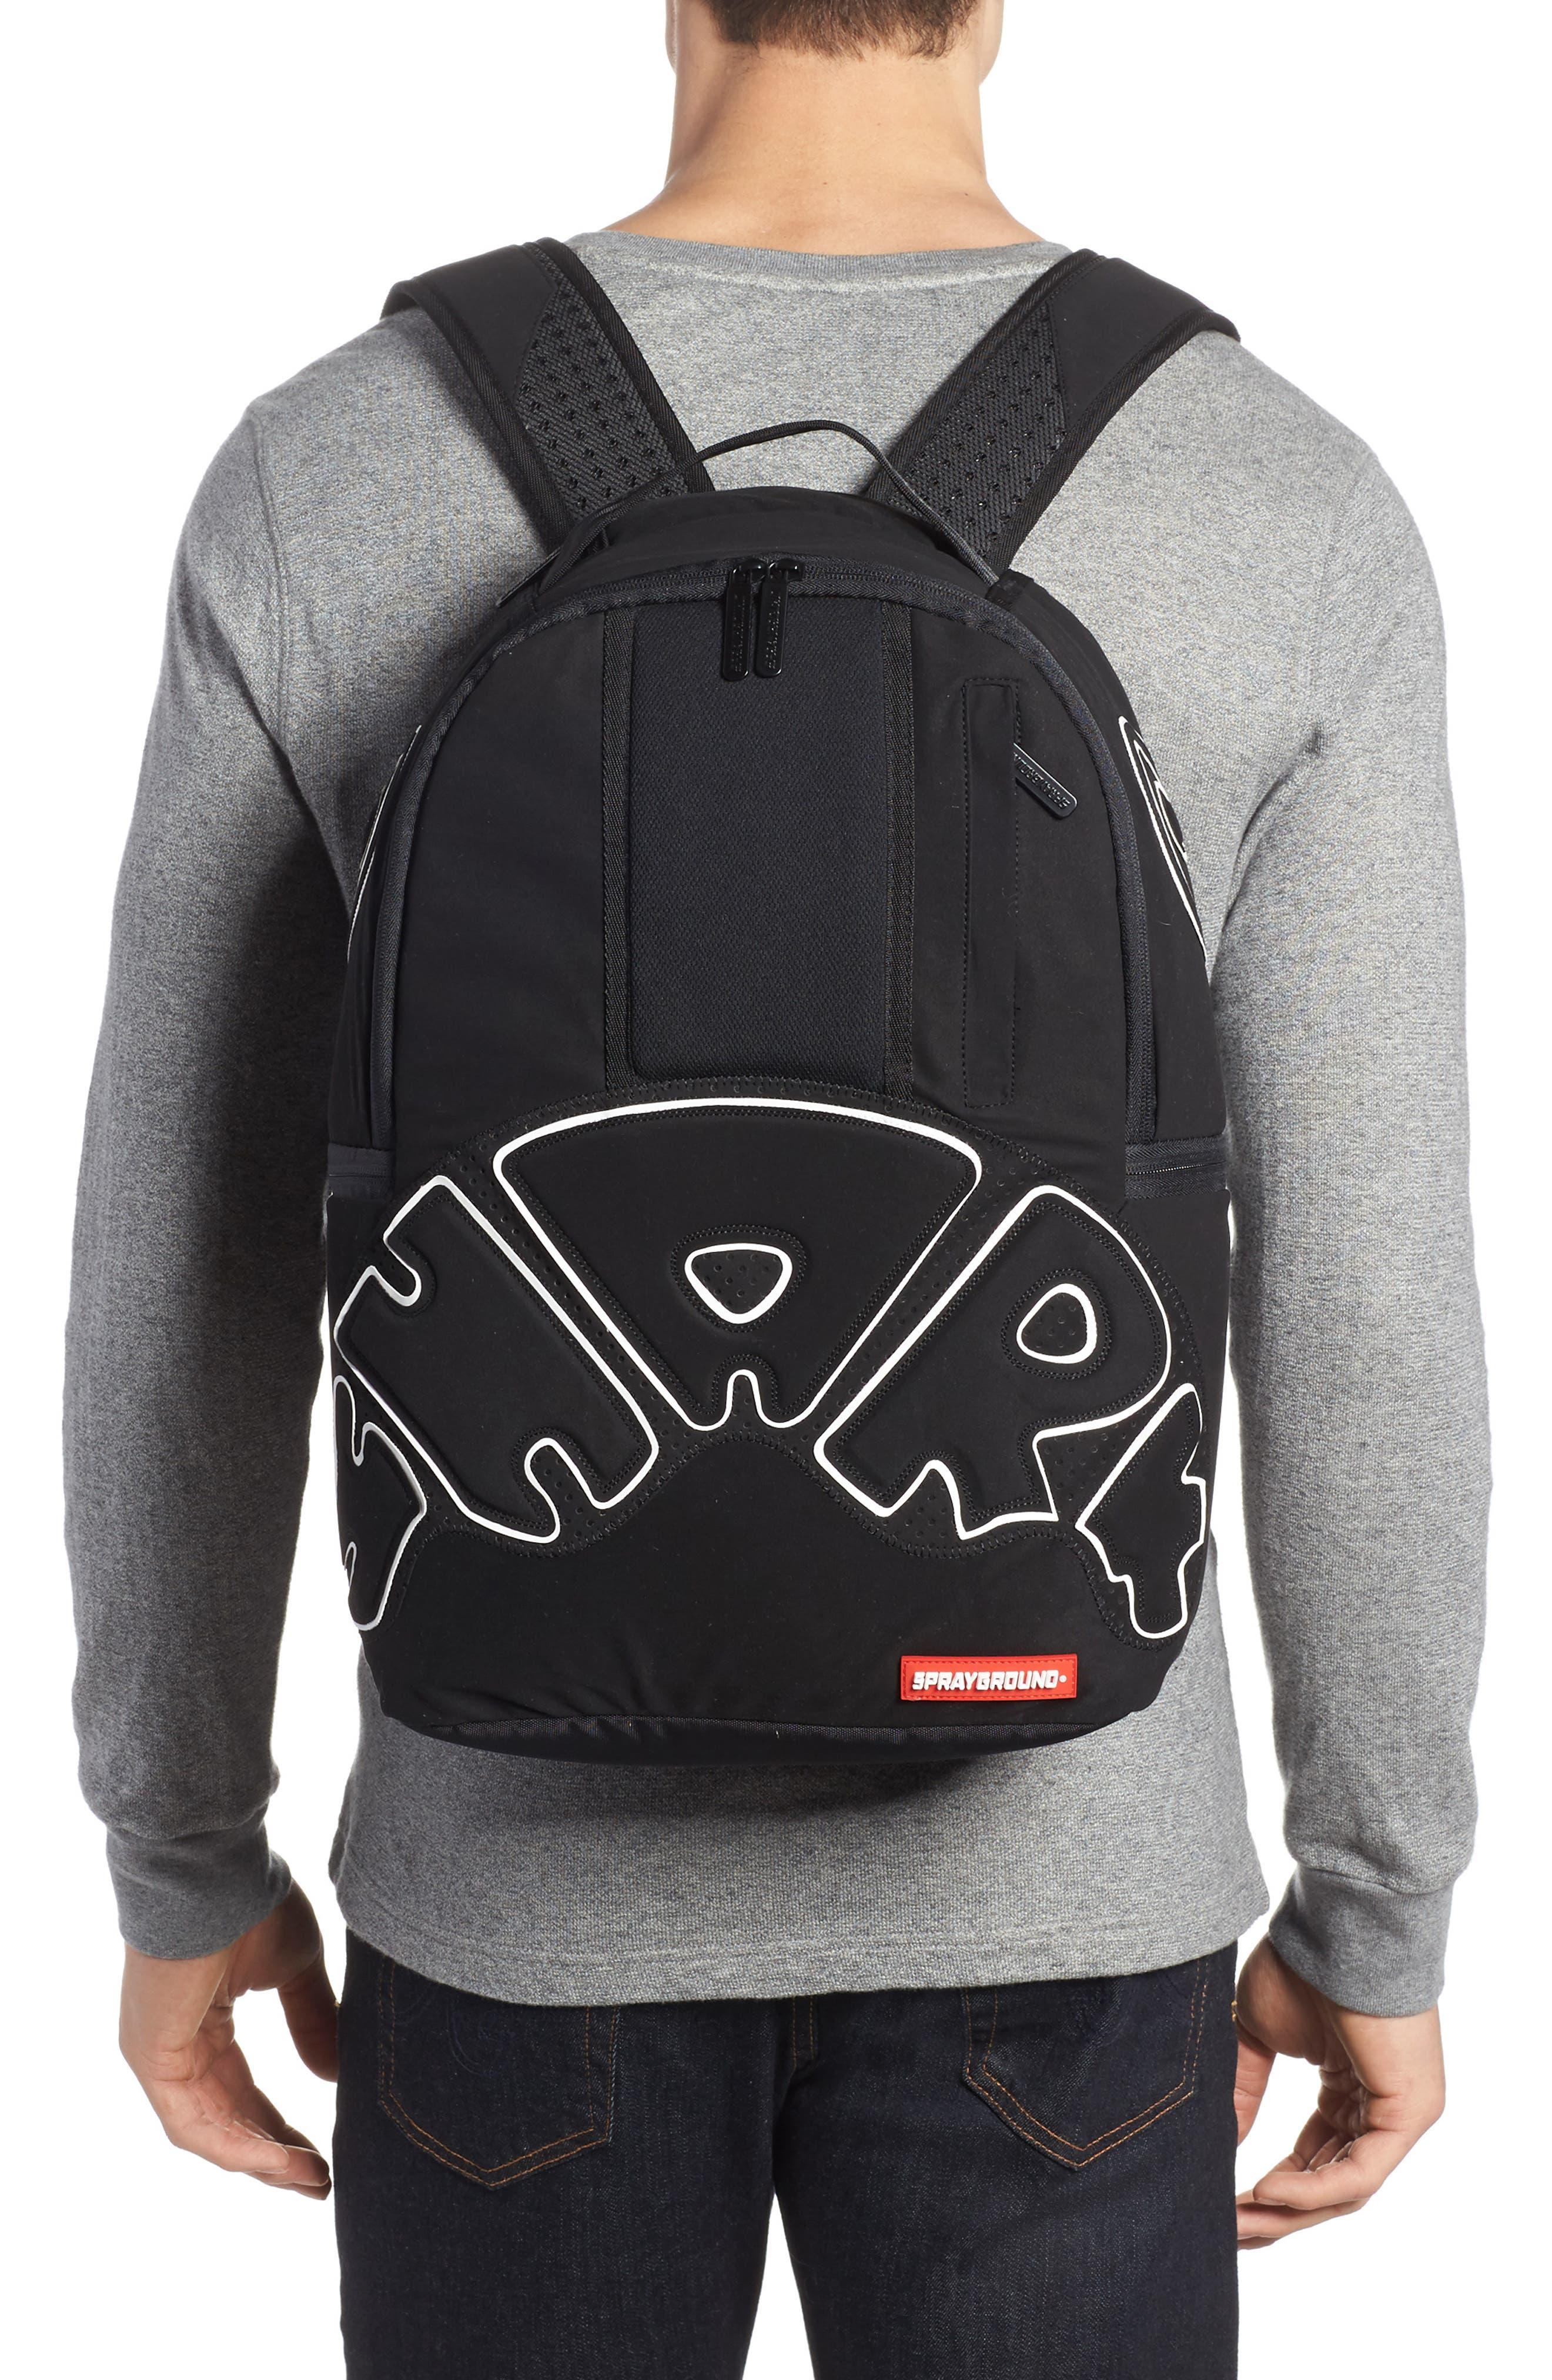 Uptempo Shark Backpack,                             Alternate thumbnail 2, color,                             001